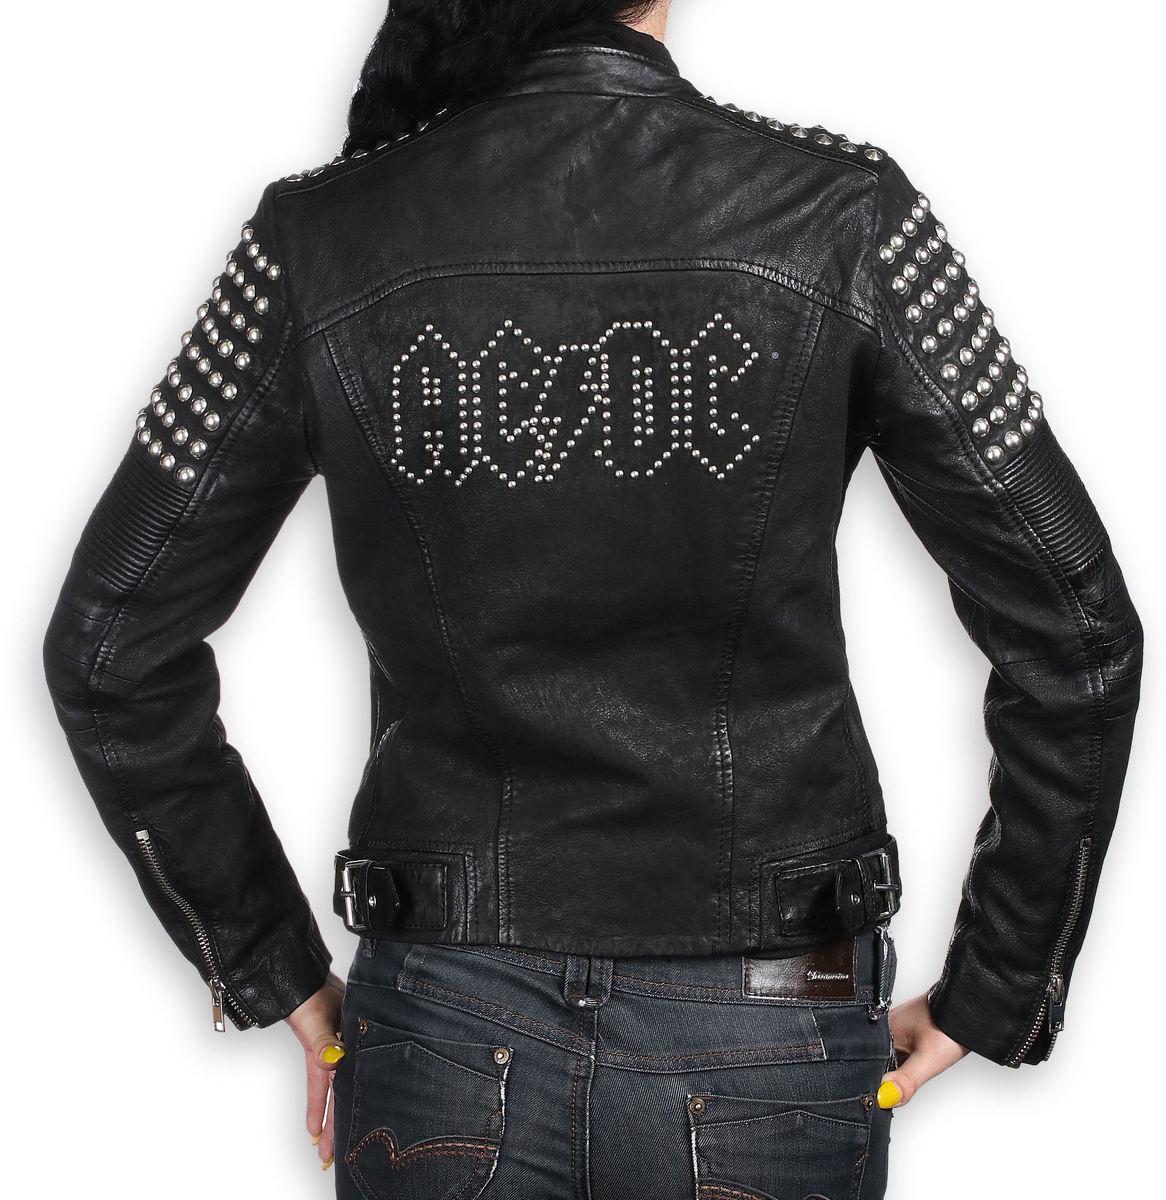 sidovka dámska AC/DC - BLACK - M0010902